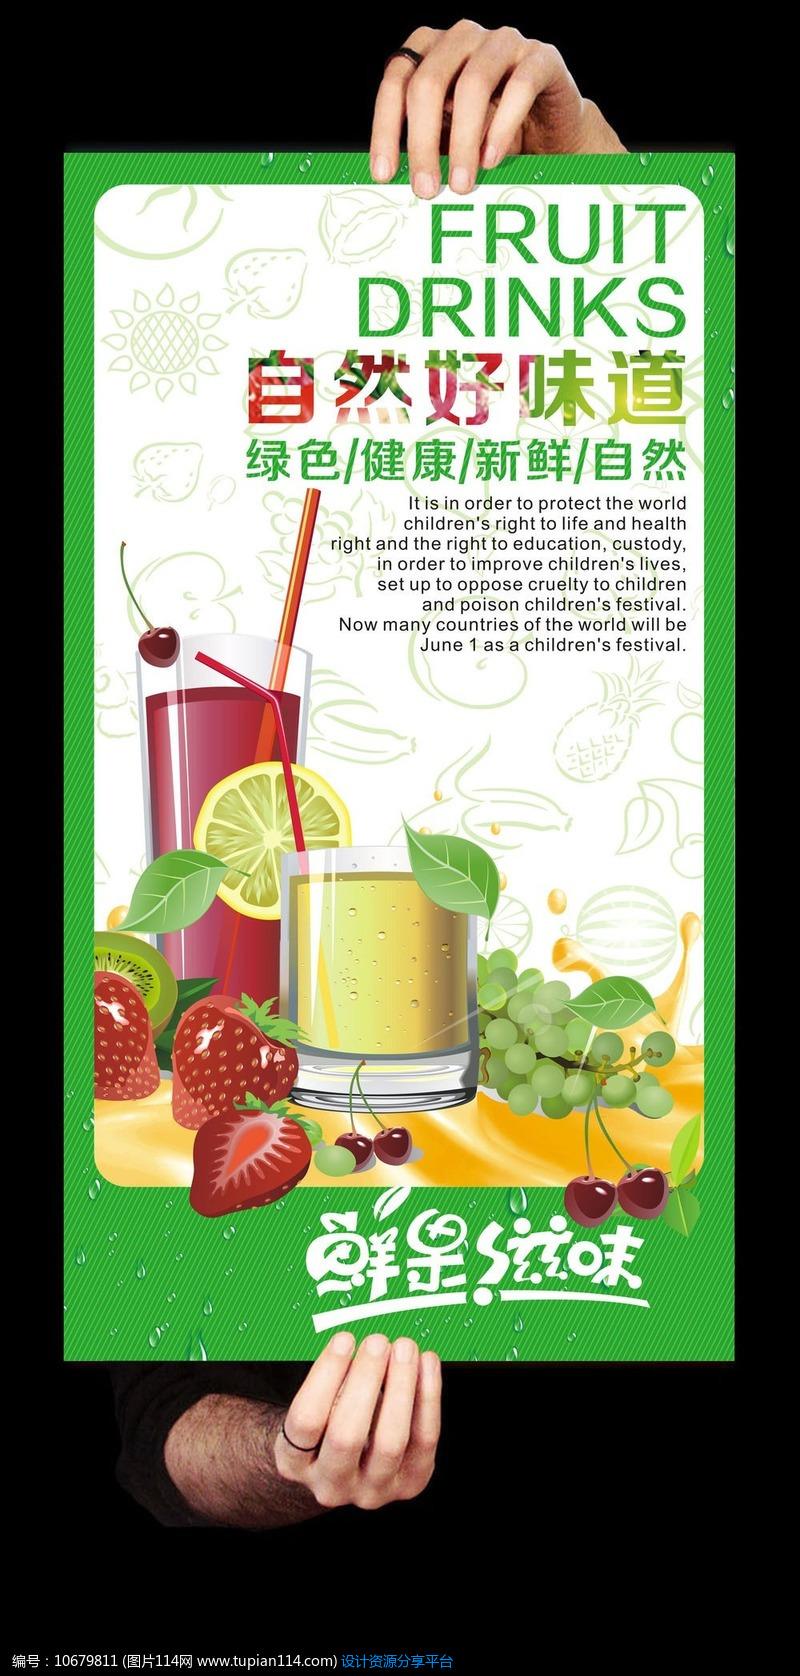 饮品店宣传海报_[原创] 自然好味道饮品店宣传海报